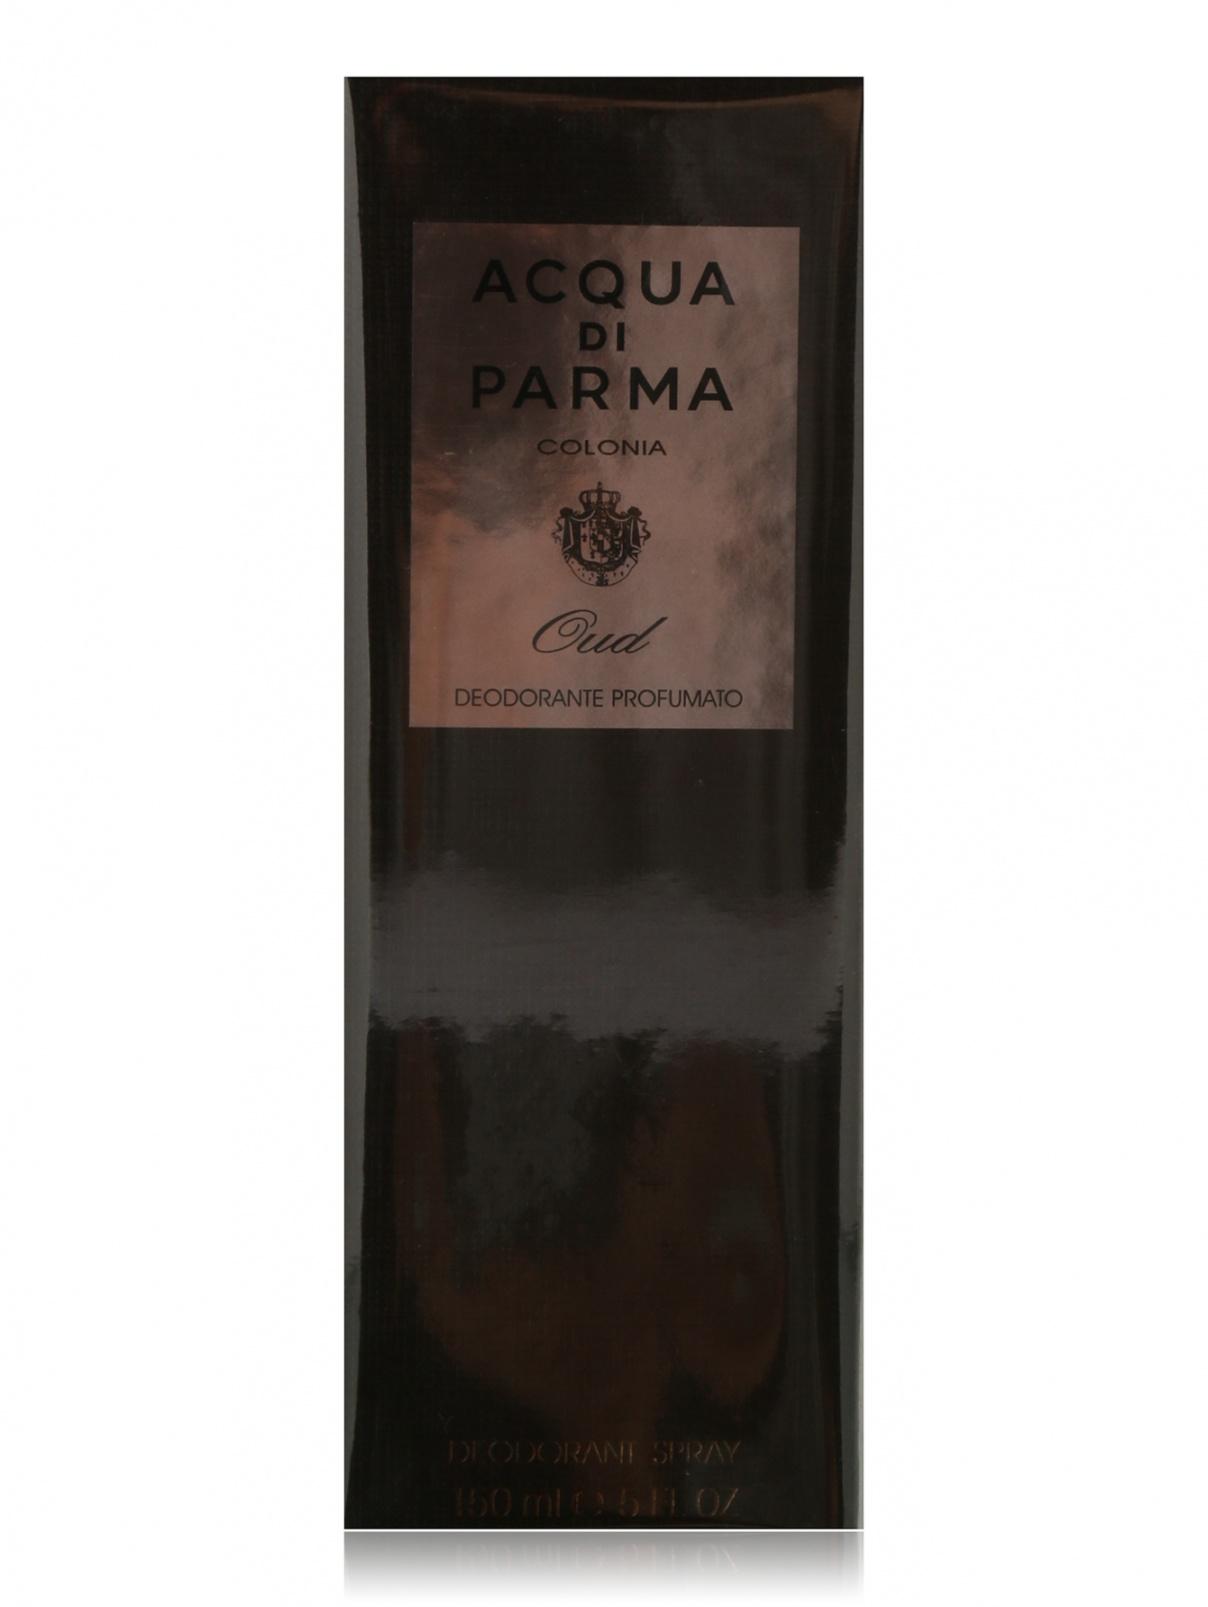 Увлажнение и питание Acqua di Parma  –  Общий вид